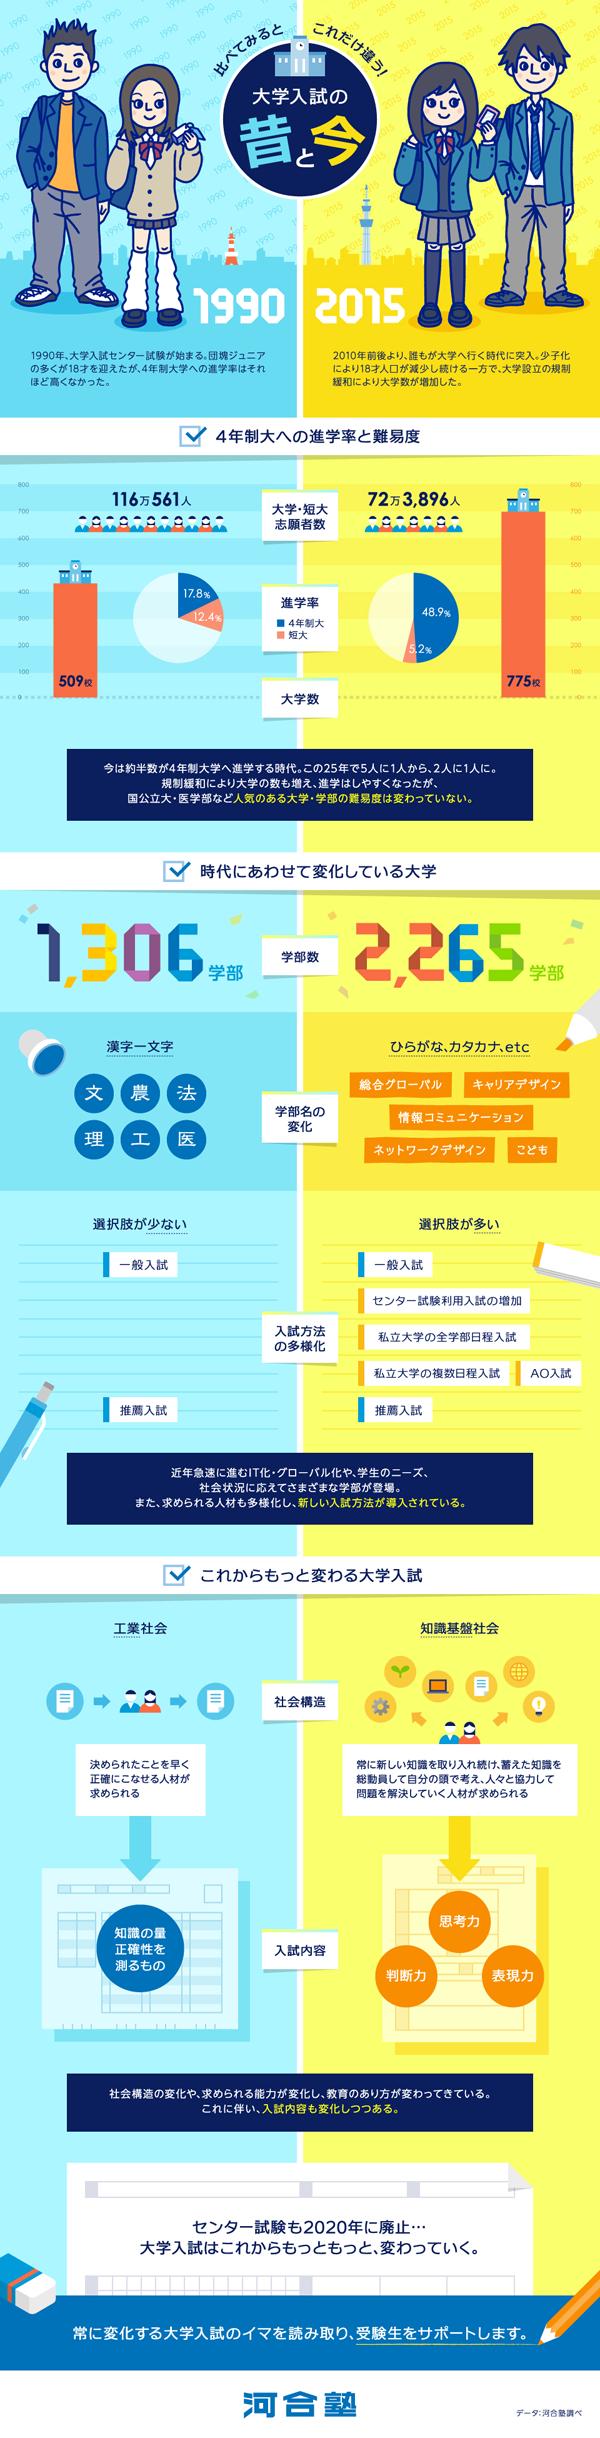 インフォグラフィックス:大学入試の昔と今 比べてみるとこれだけ違う!